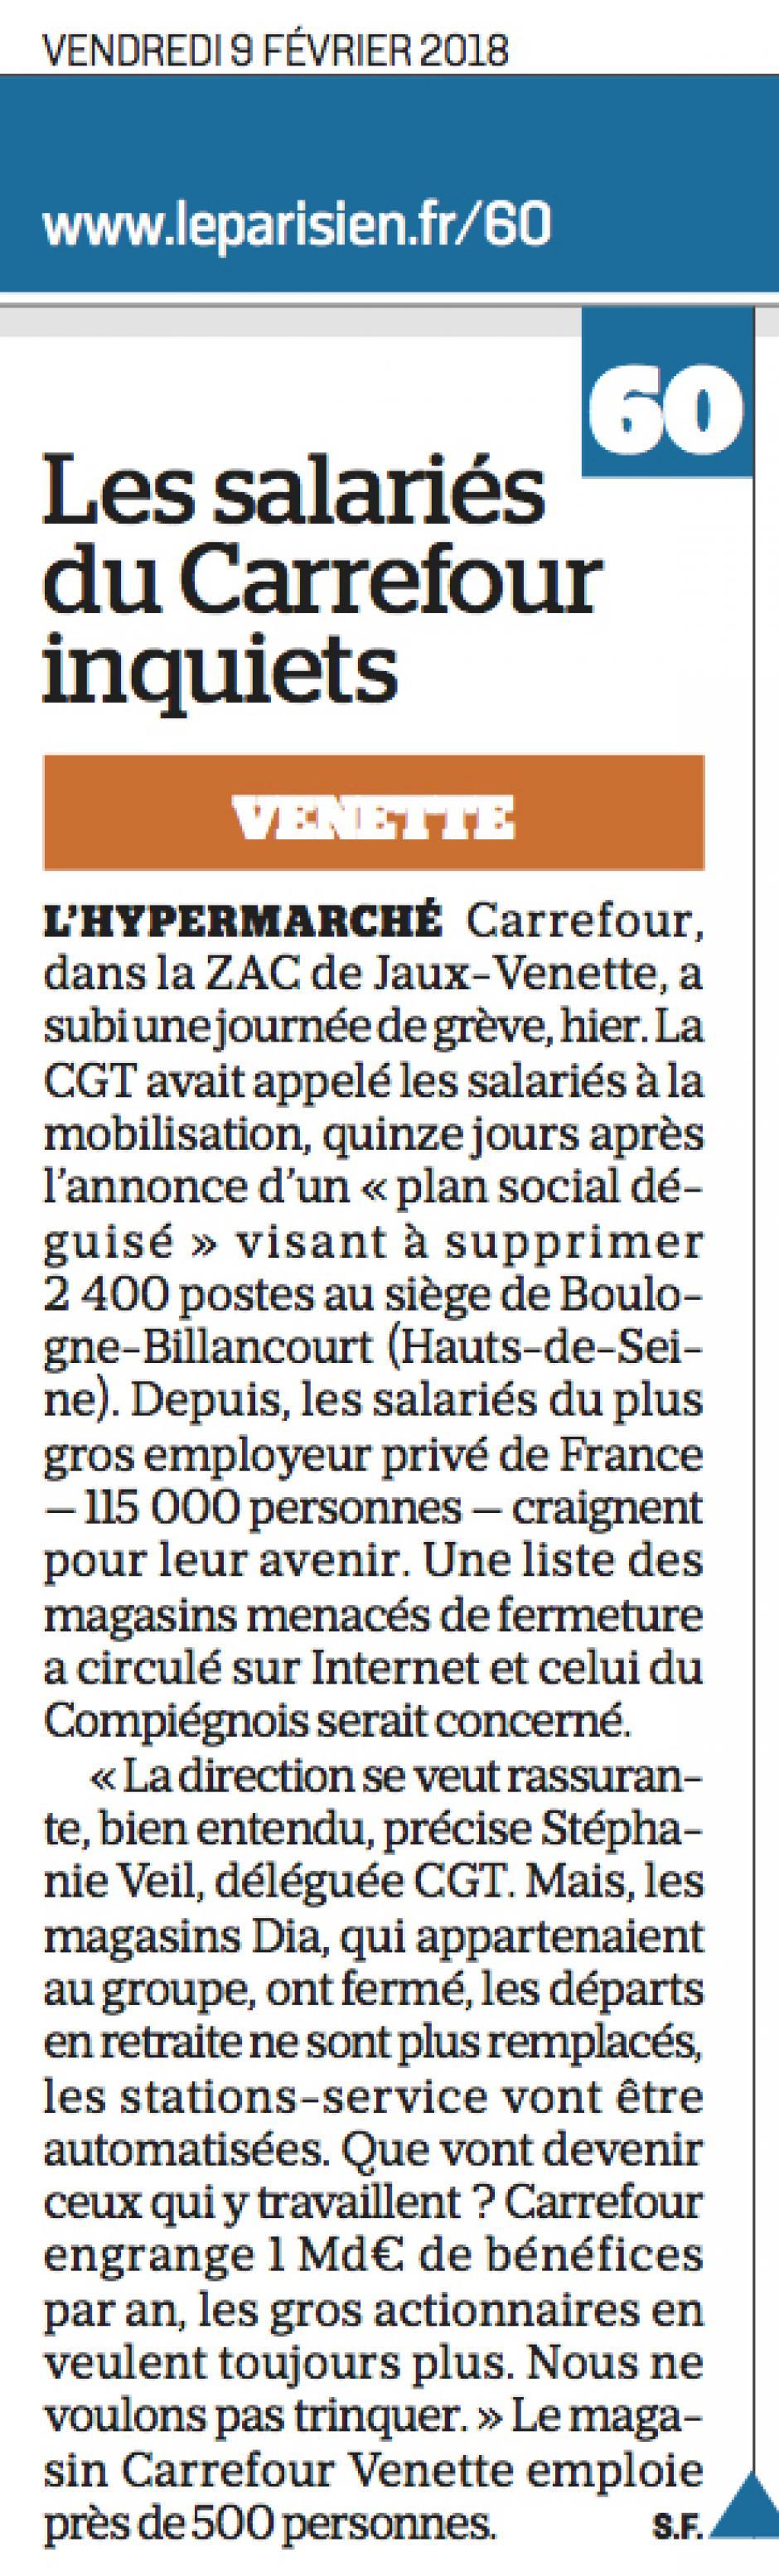 20180209-LeP-Venette-Les salariés du Carrefour inquiets